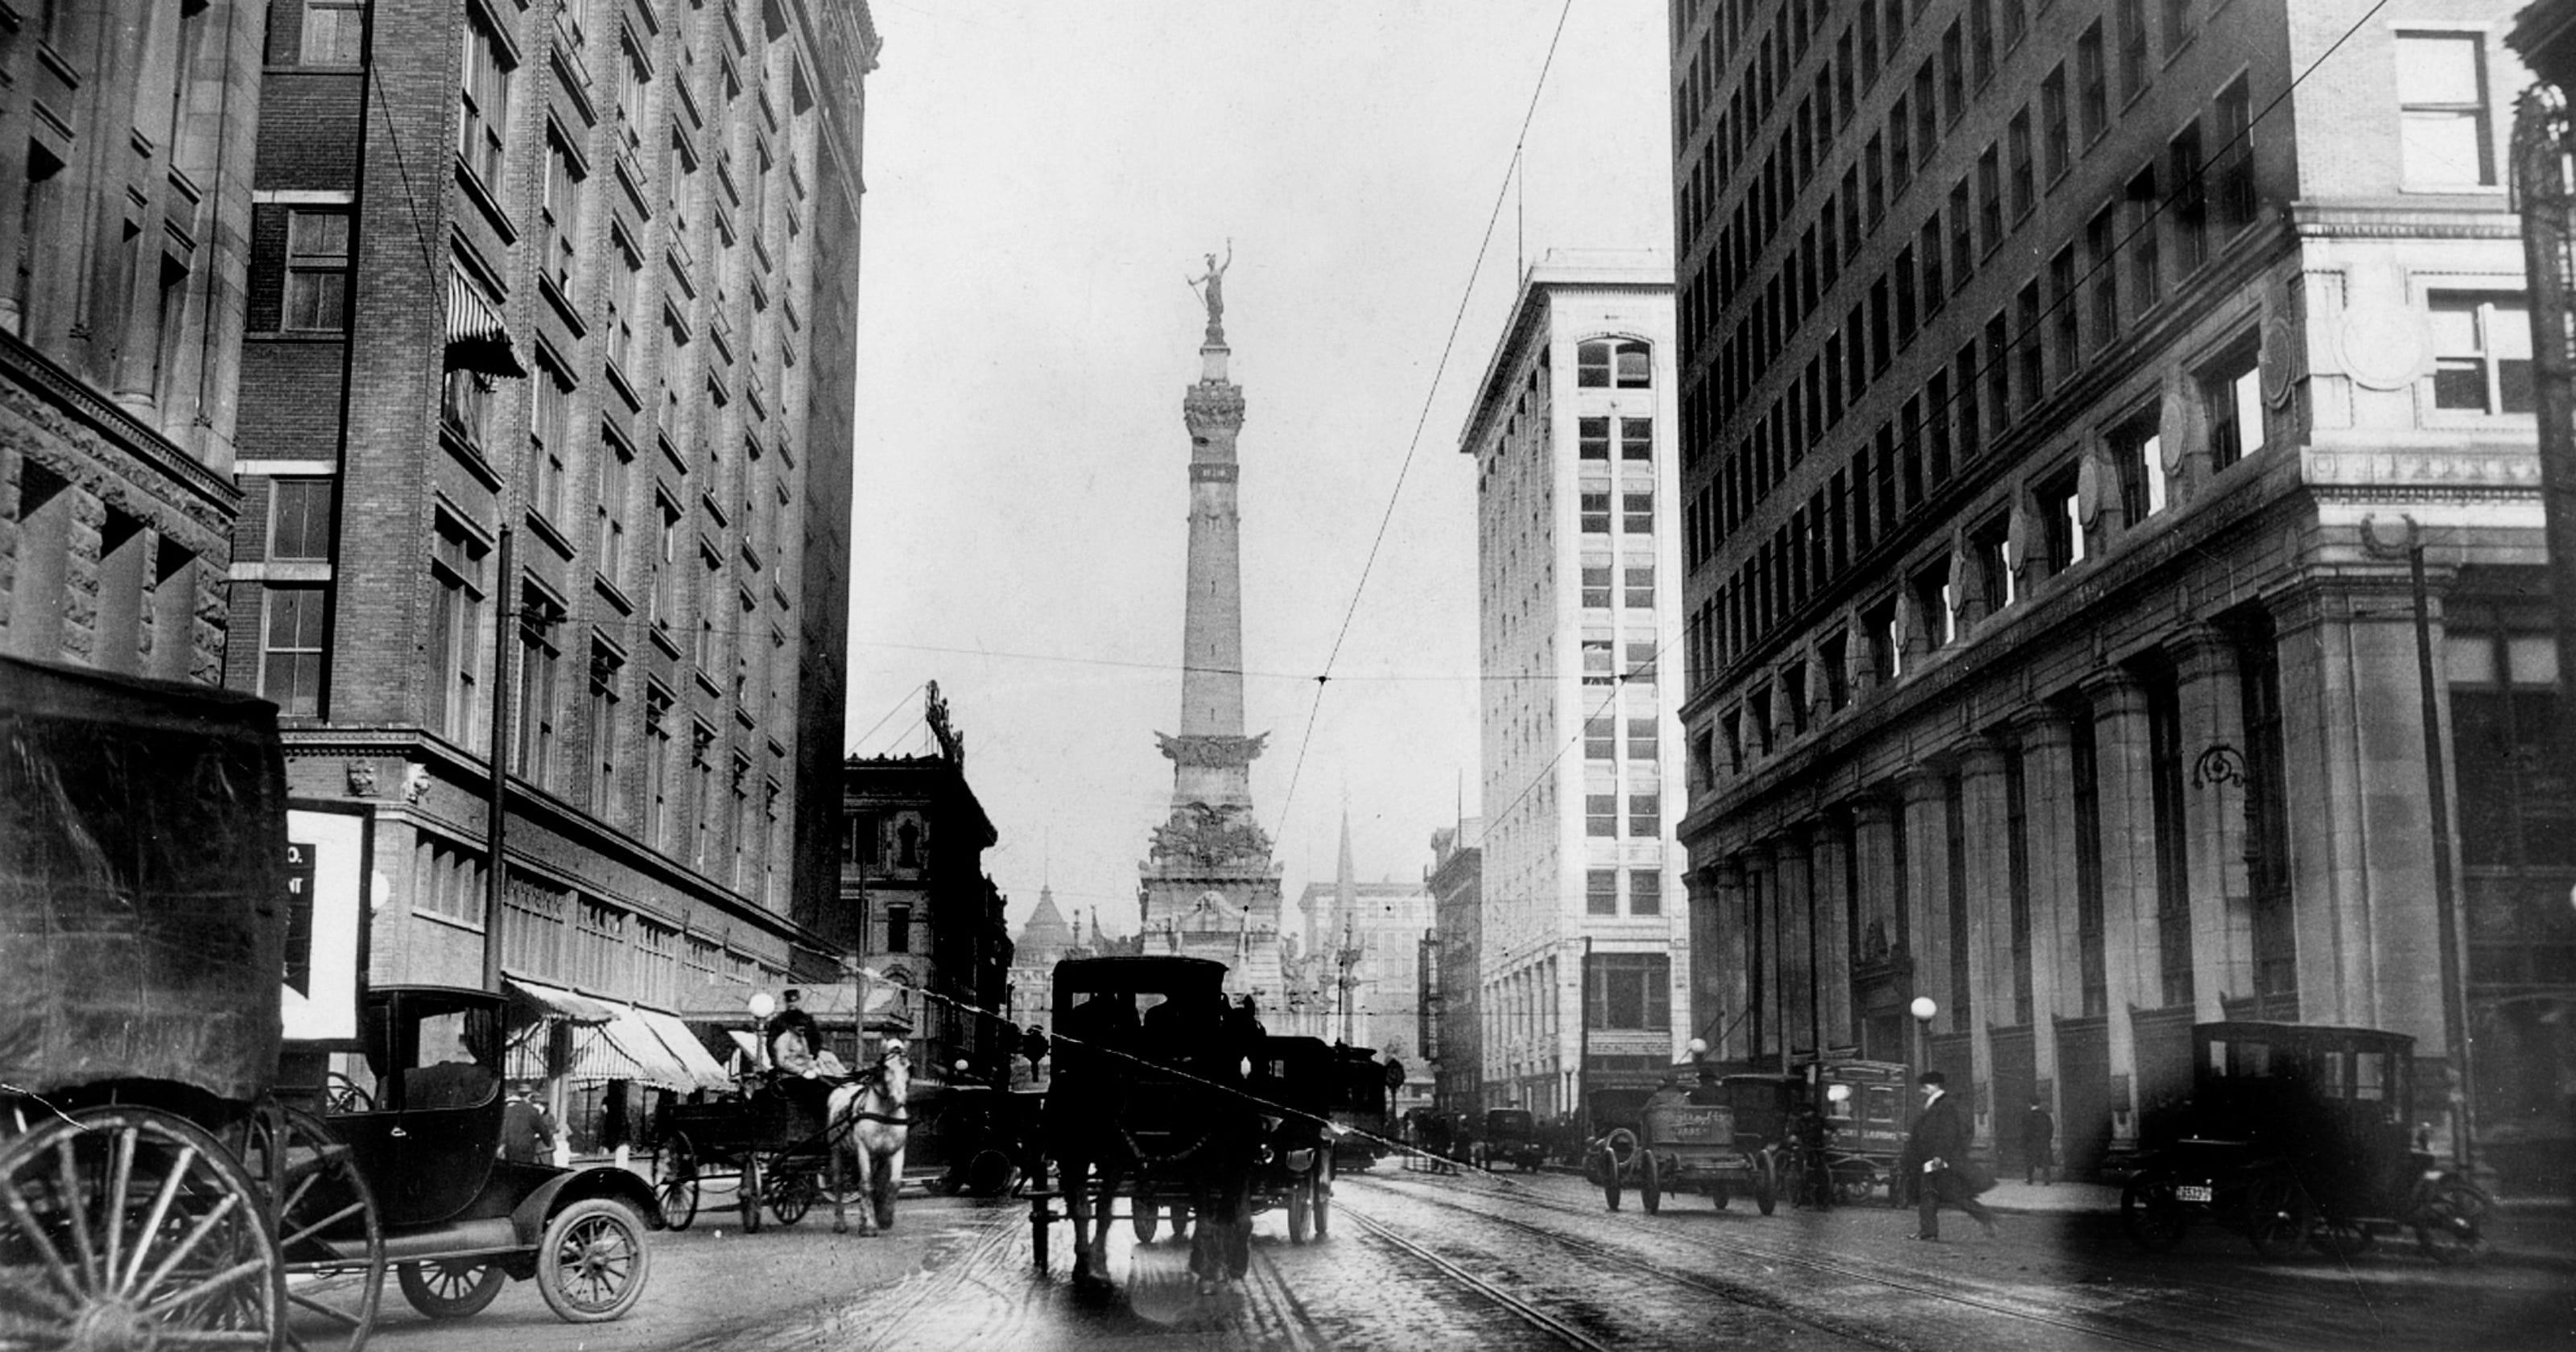 Retroindy 10 Vintage Photos Of Indianapolis City Scenes